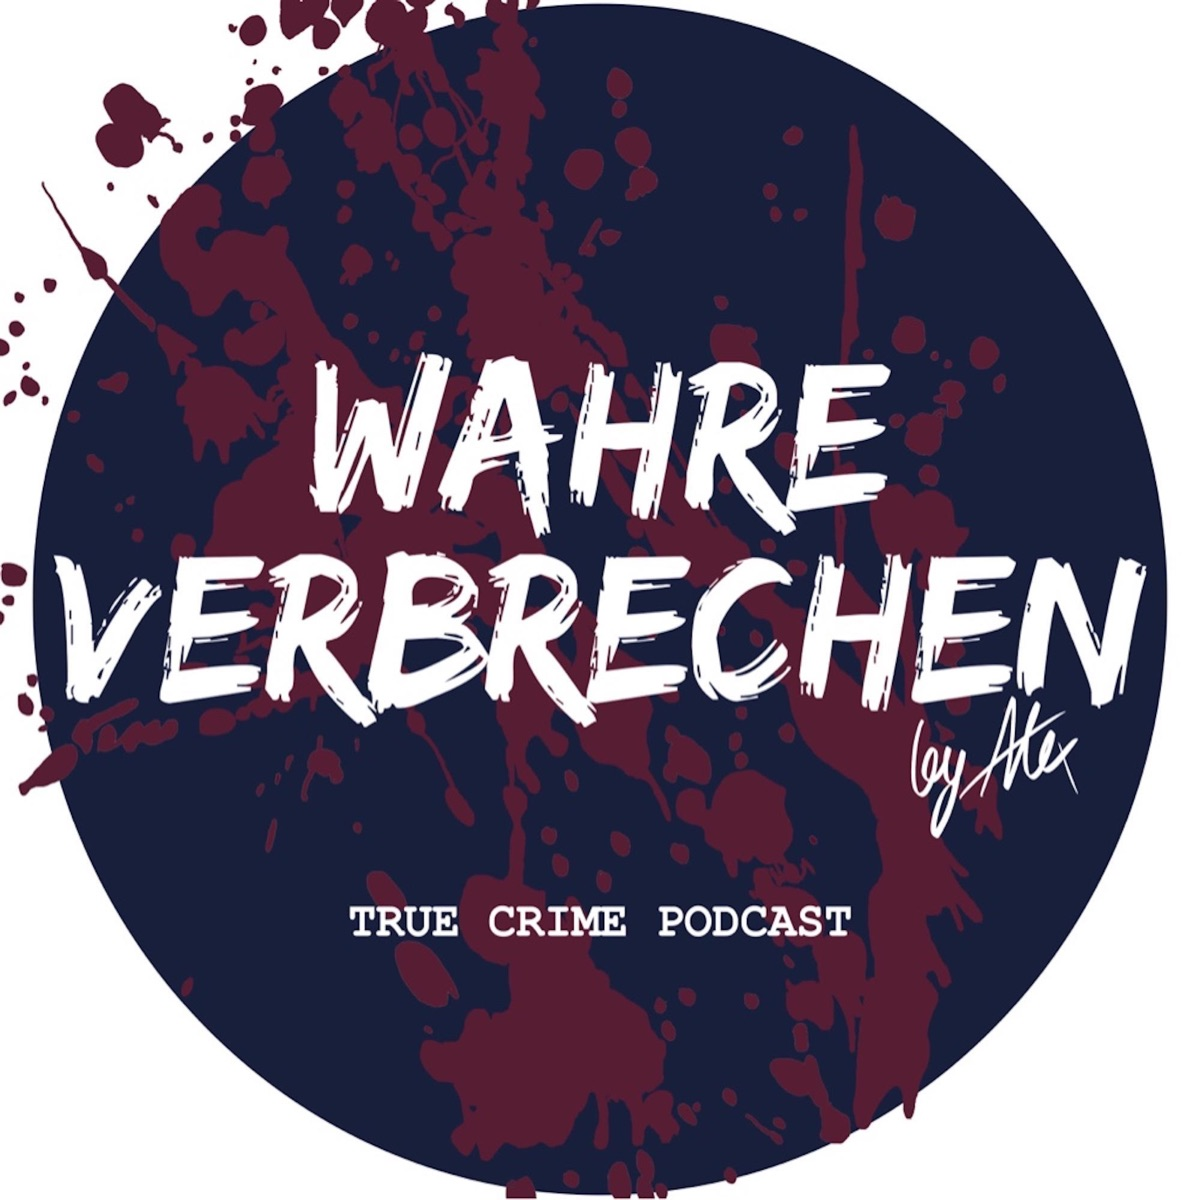 True Crime Podcast: Wahre Verbrechen